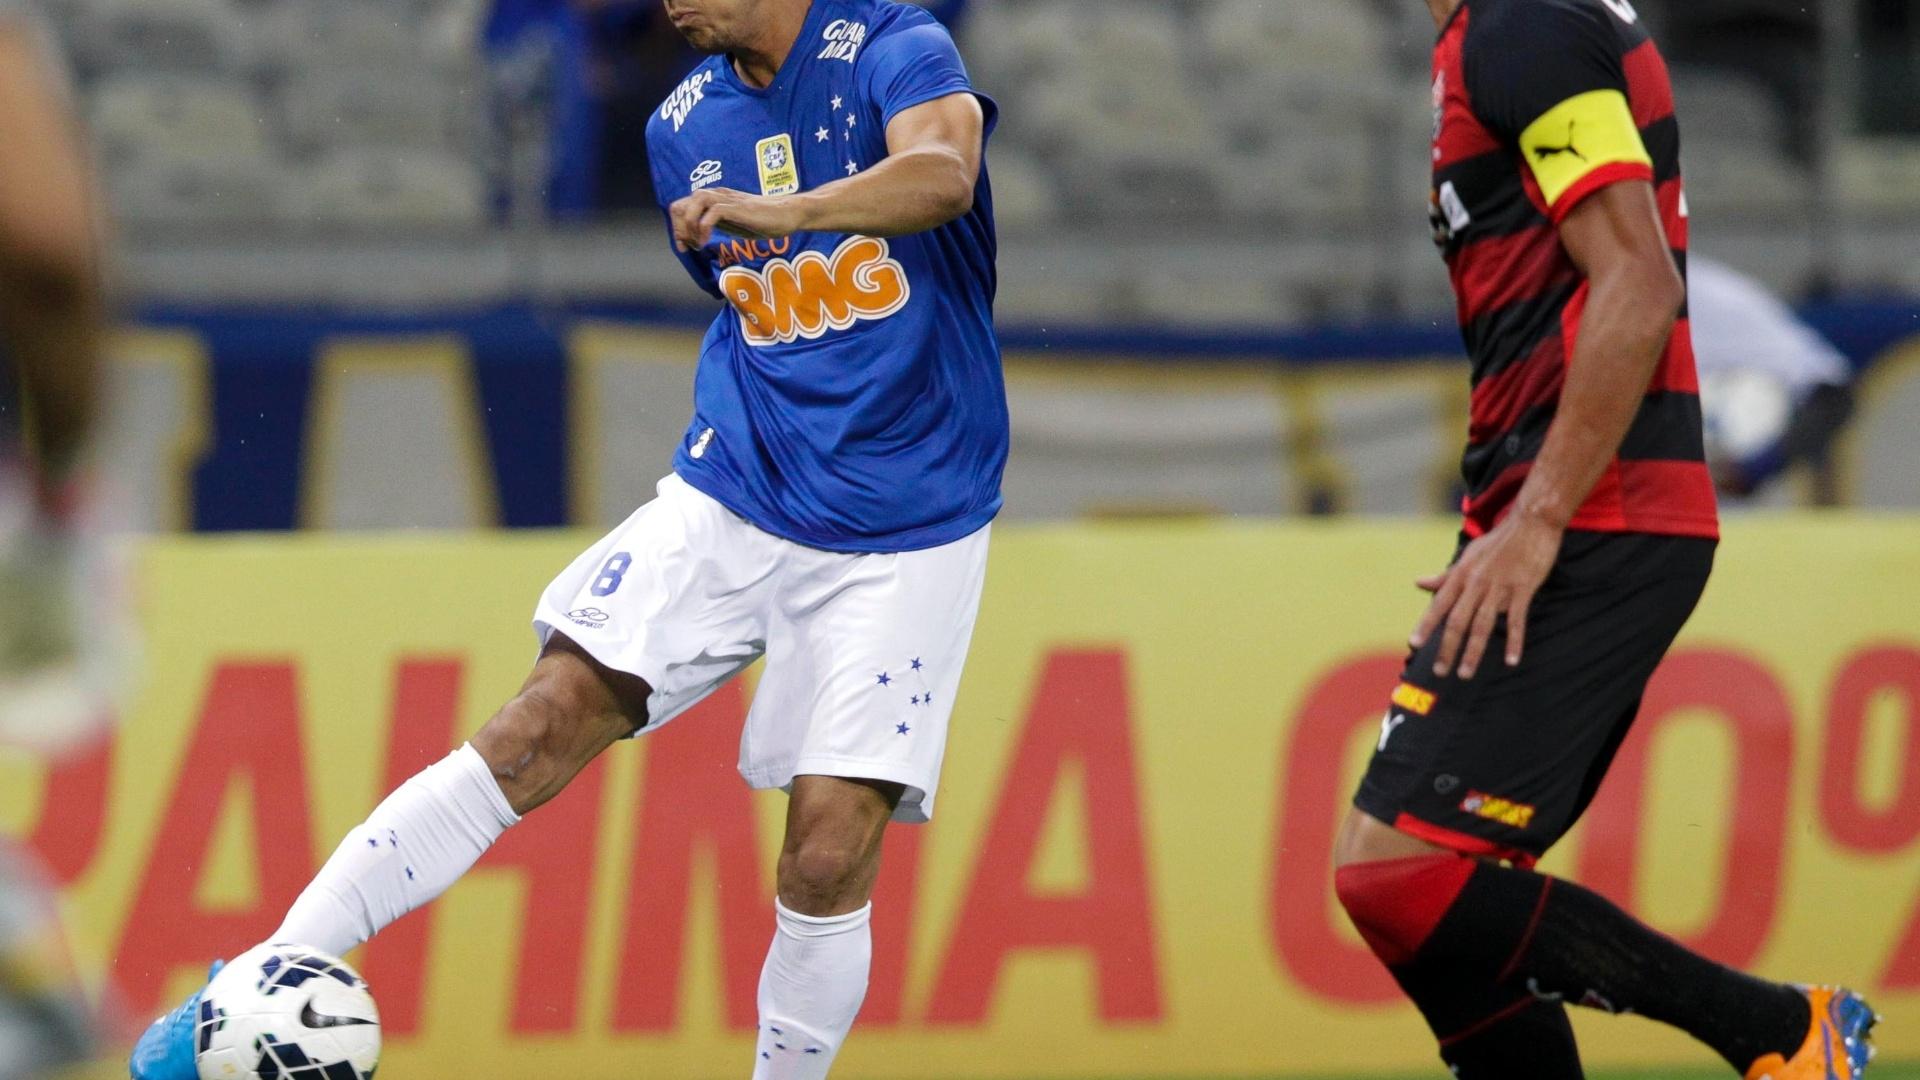 Henrique bate para o gol do Vitória no jogo do Cruzeiro pelo Brasileirão